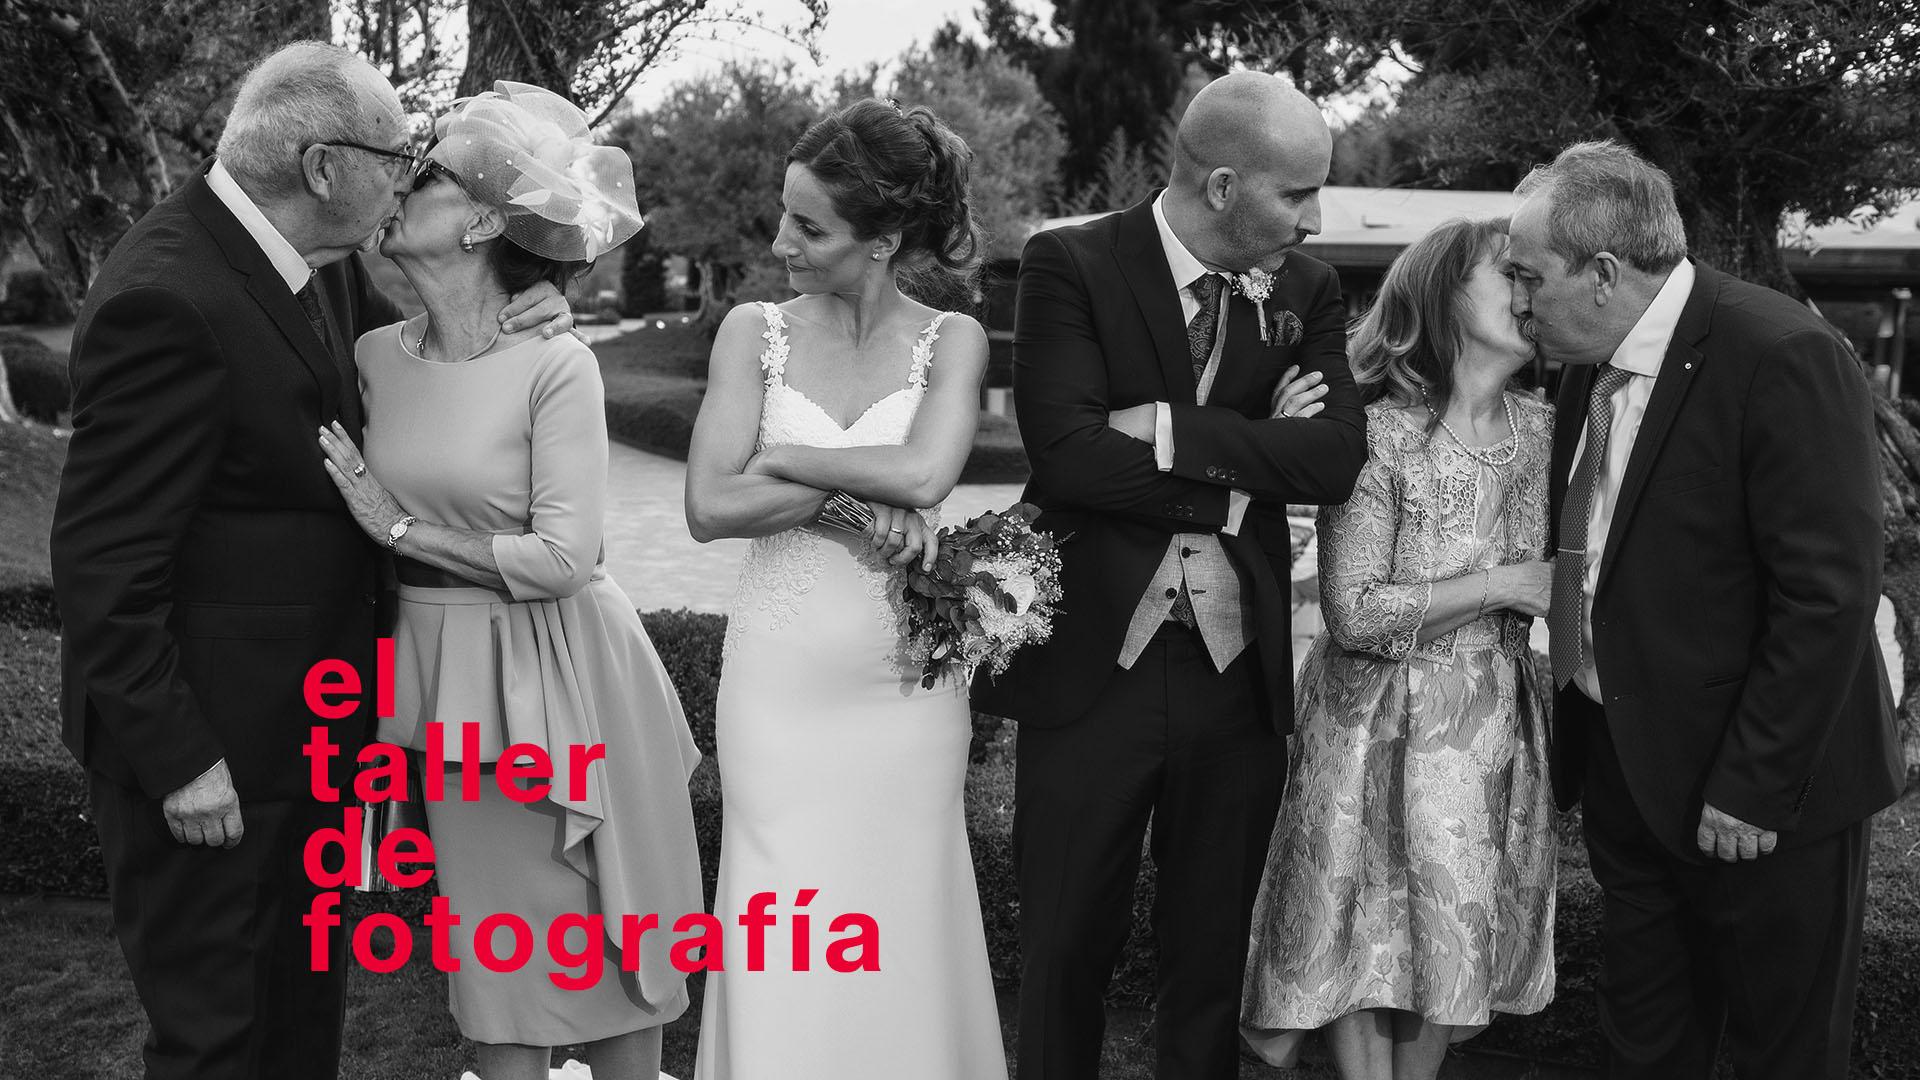 El Taller de Fotografia en la Finca La Montana de Aranjuez - Madrid - Fotos divertidas